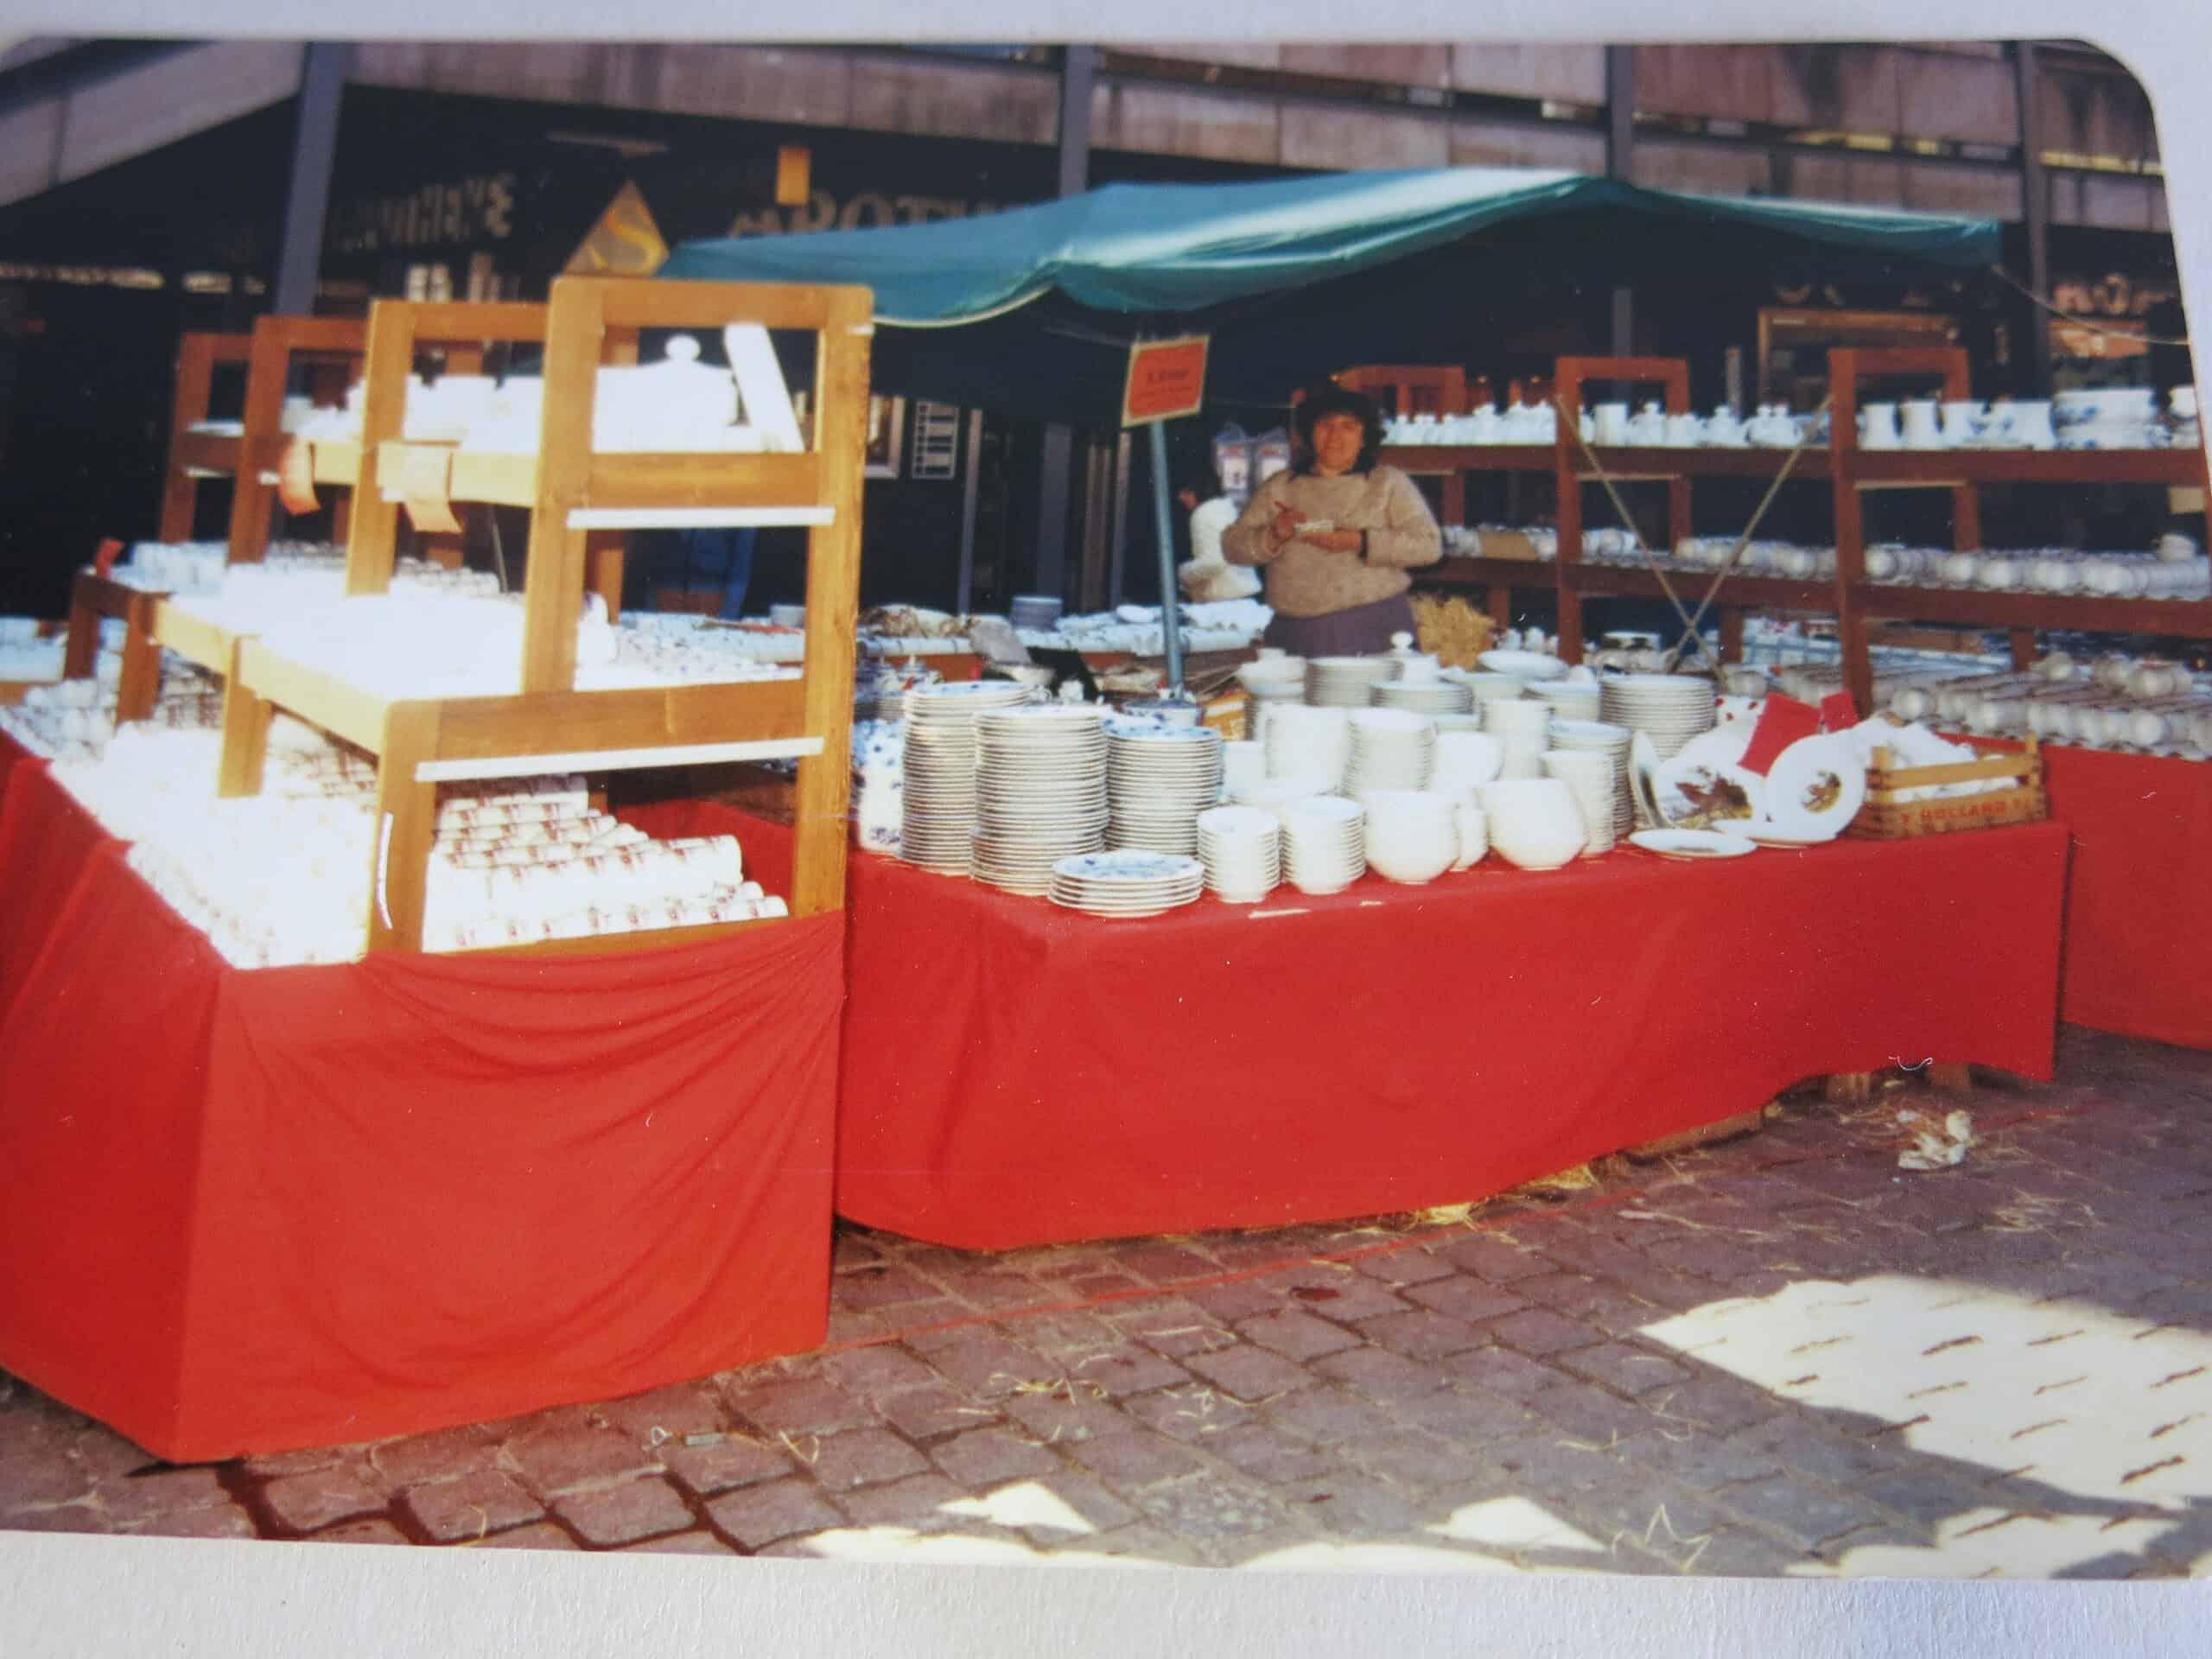 Ingrid Ackermann auf dem Nürnberger Hauptmarkt , Porzellanstand 1970iger Jahre